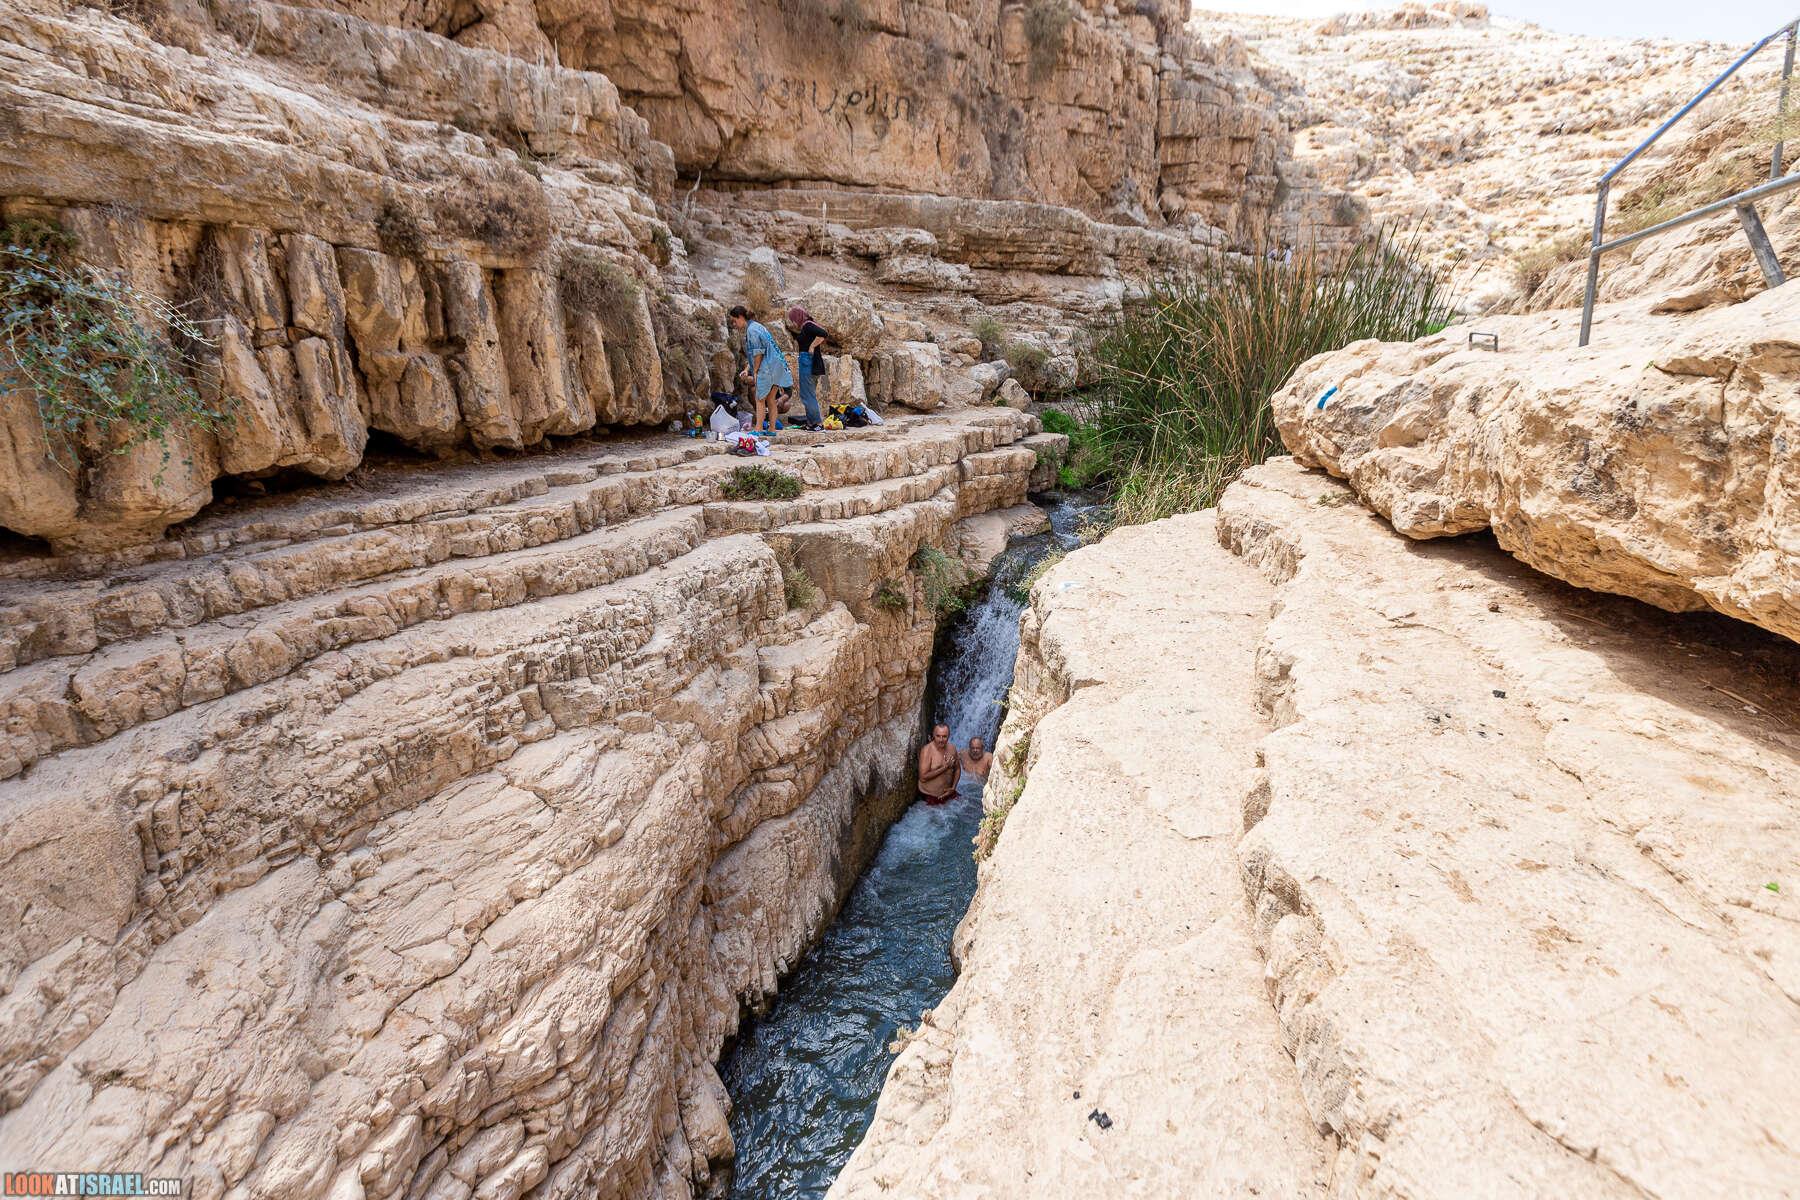 Ручей Нахаль Прат | Nachal Prat stream | נחל פרת